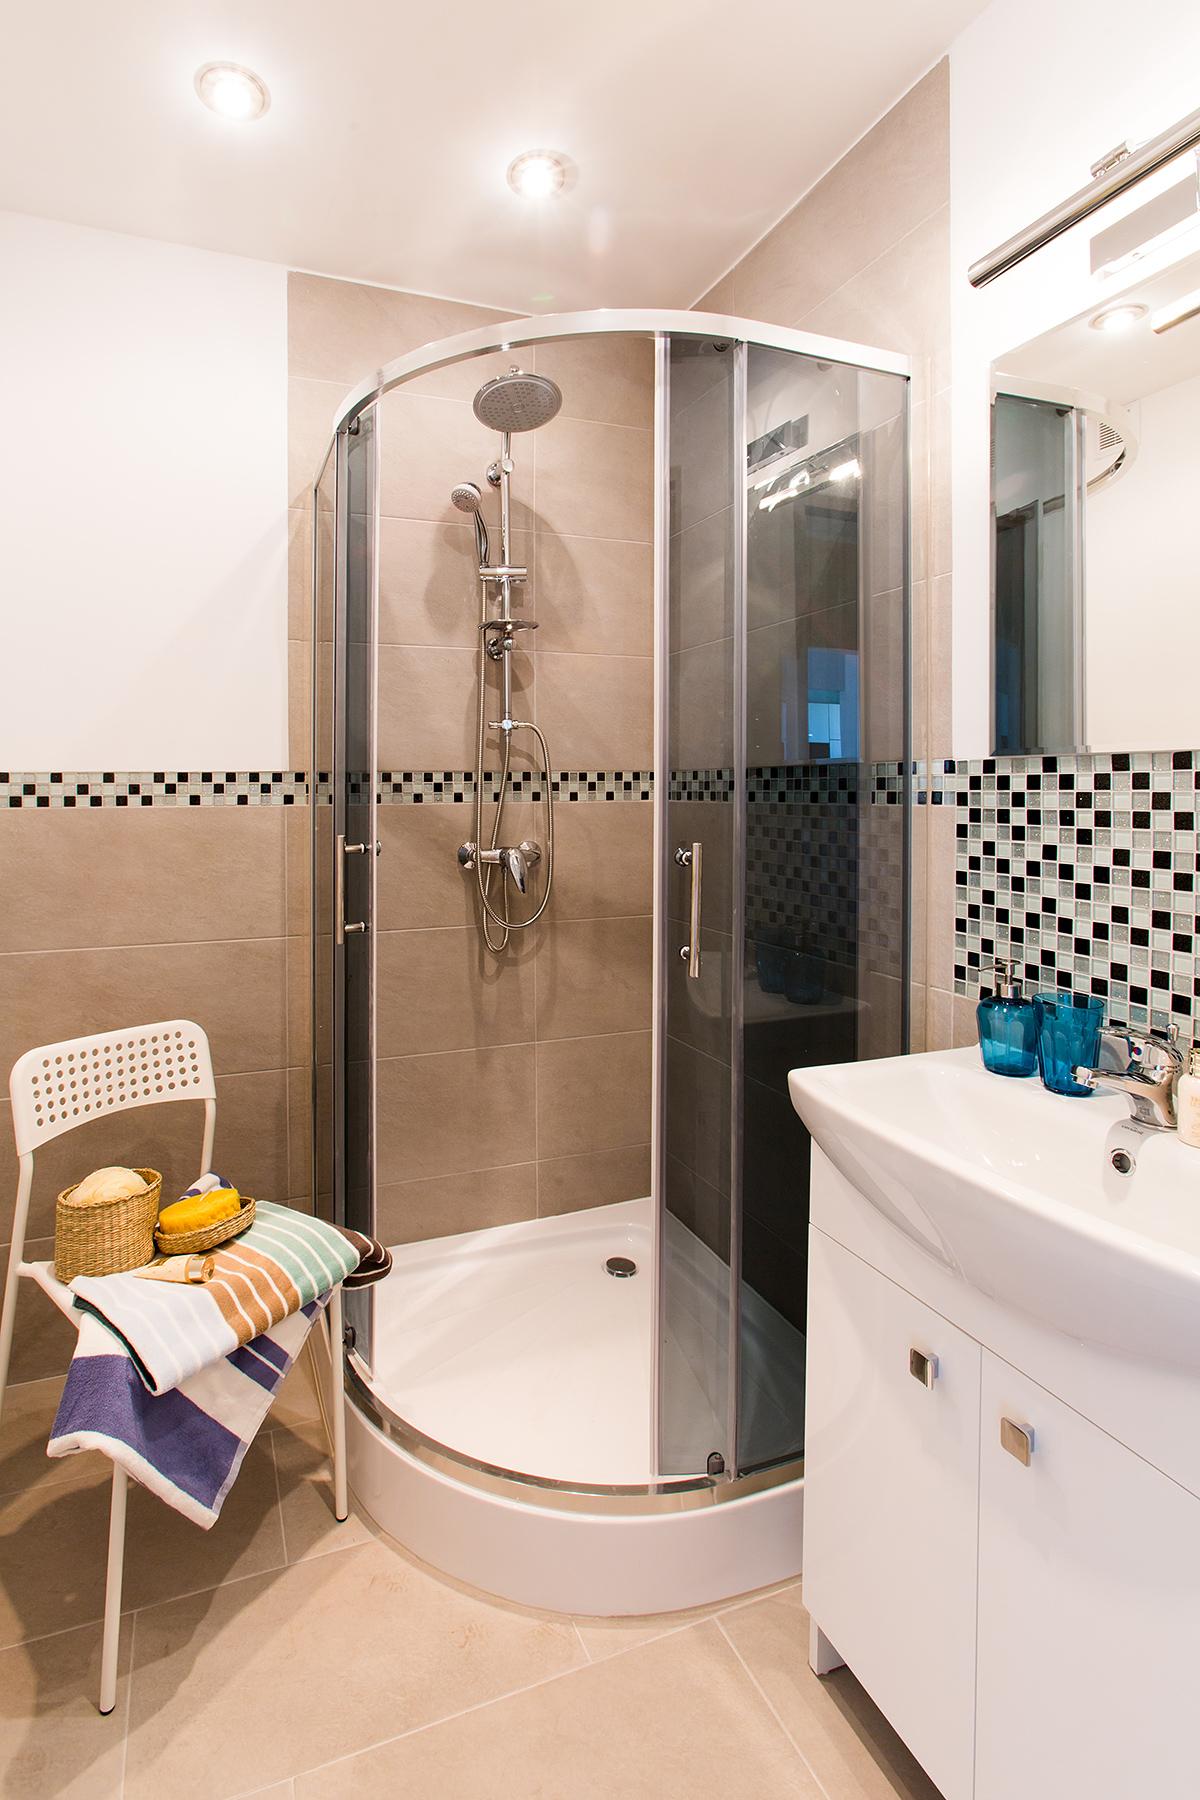 zdjecia nieruchomosci bielsko 7m Fotografia nieruchomości   zdjęcia mieszkań